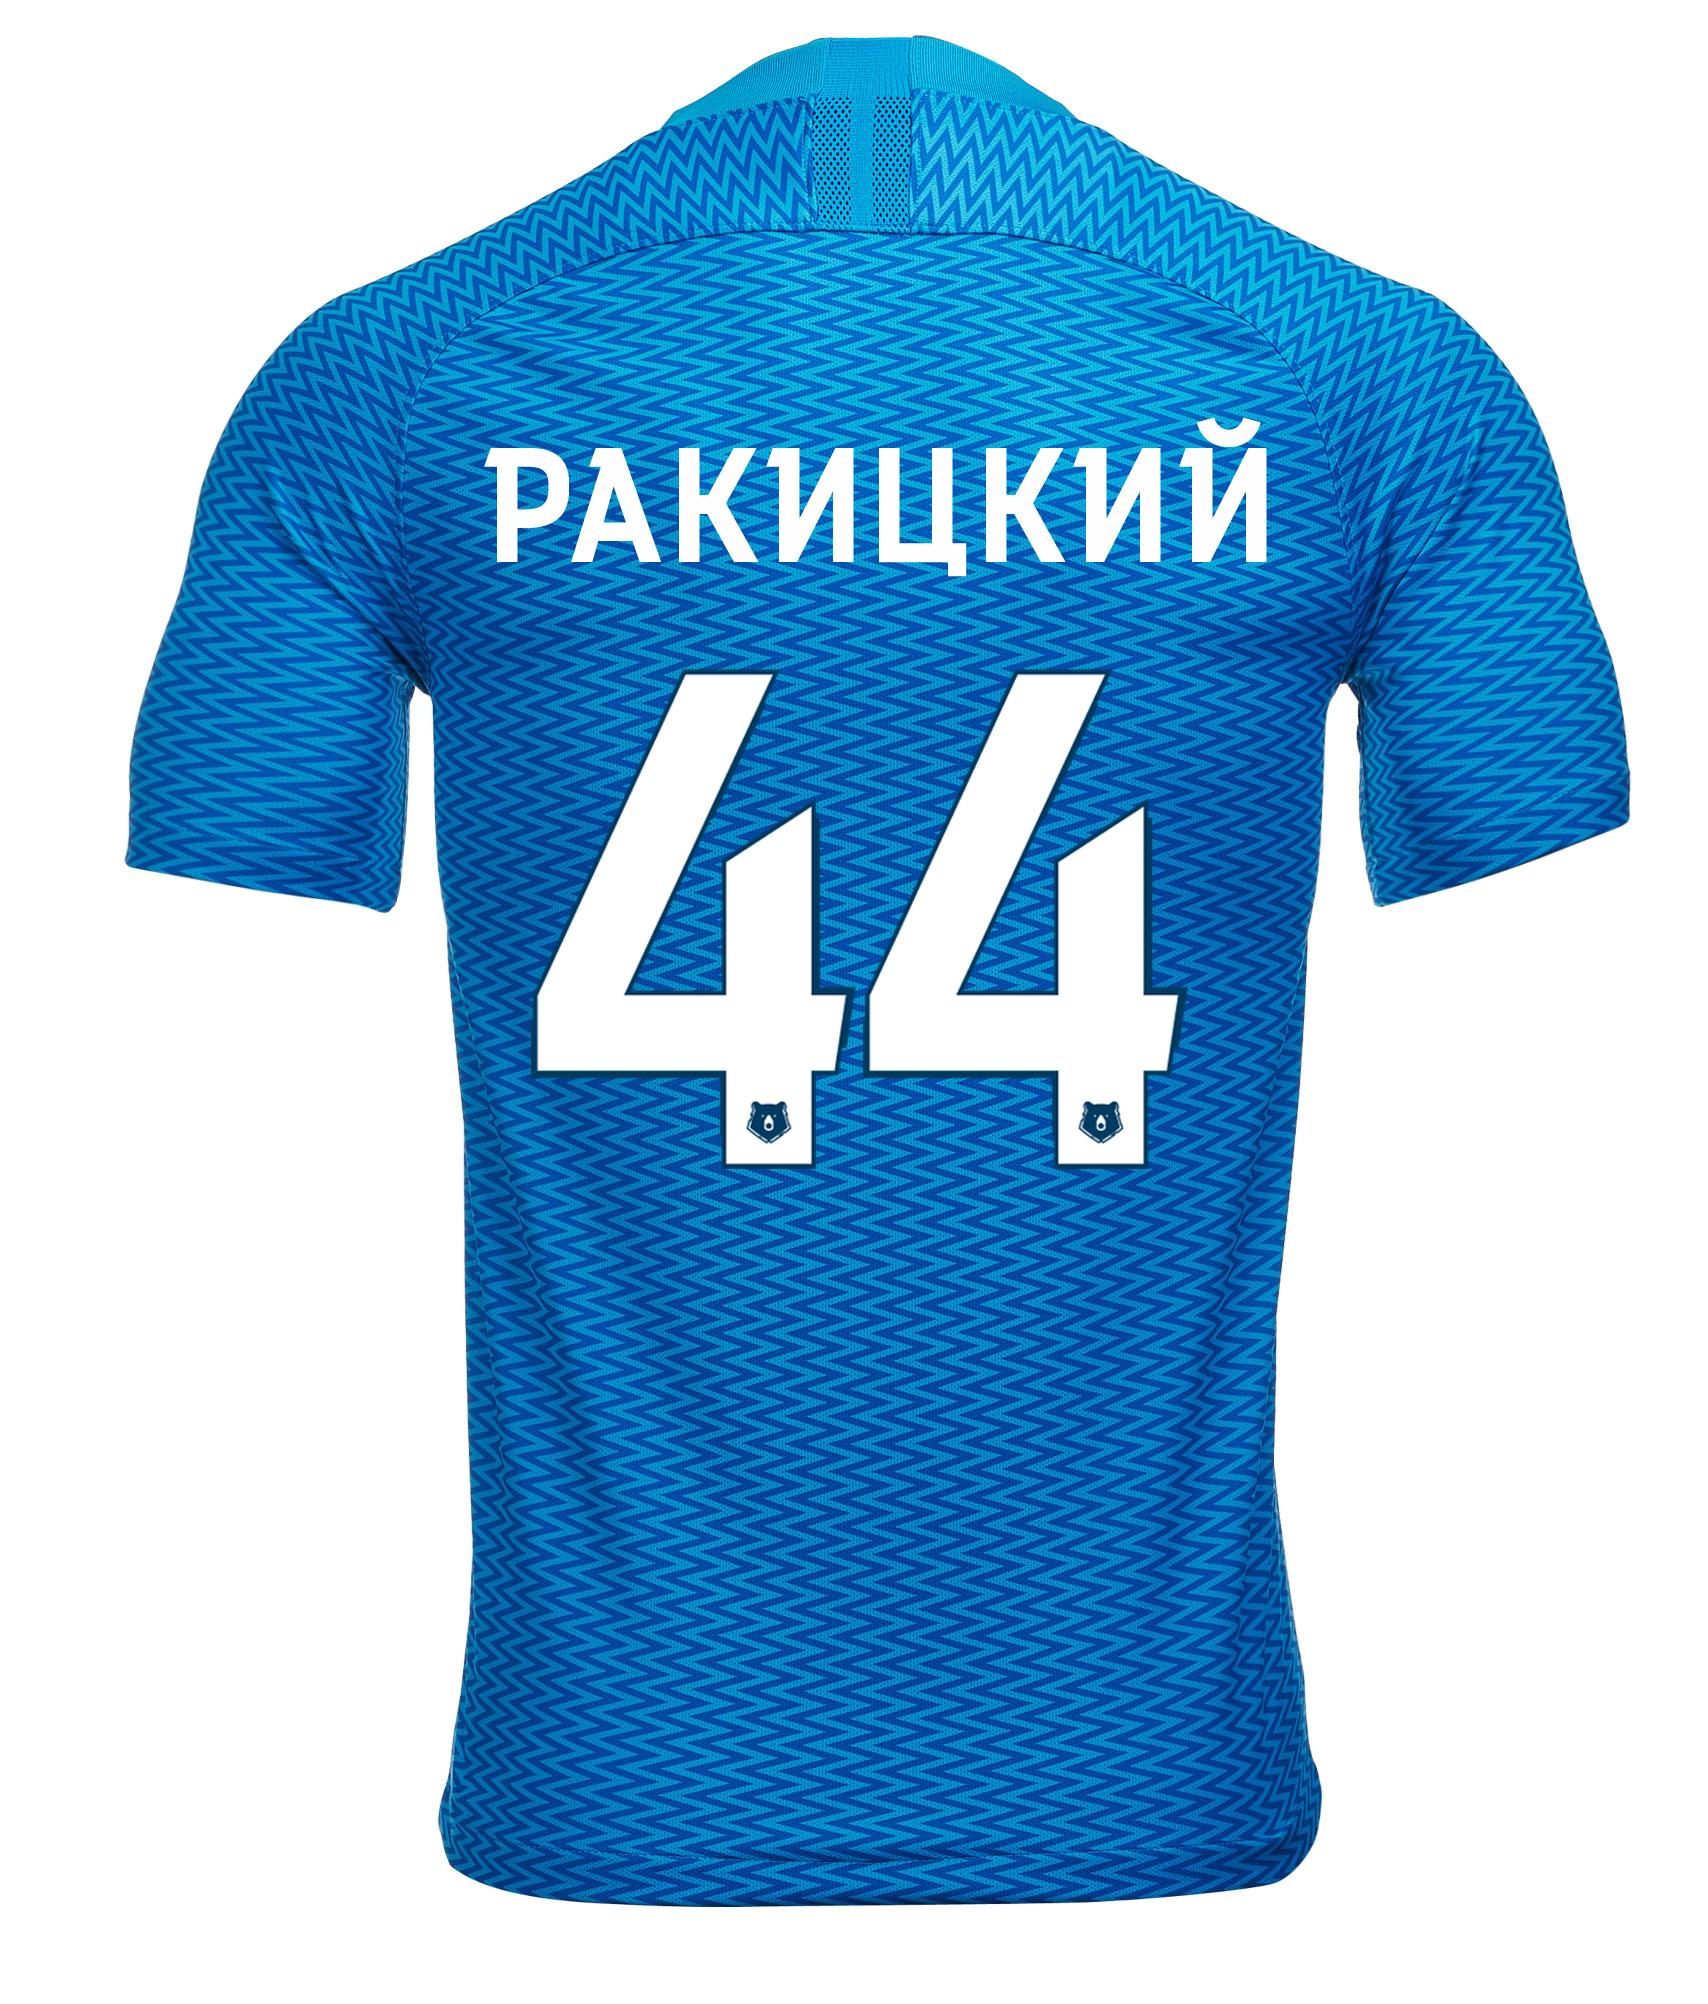 Домашняя игровая футболка Nike Ракицкий 44 2018/19 Зенит футболка игровая домашняя nike barcelona 2018 19